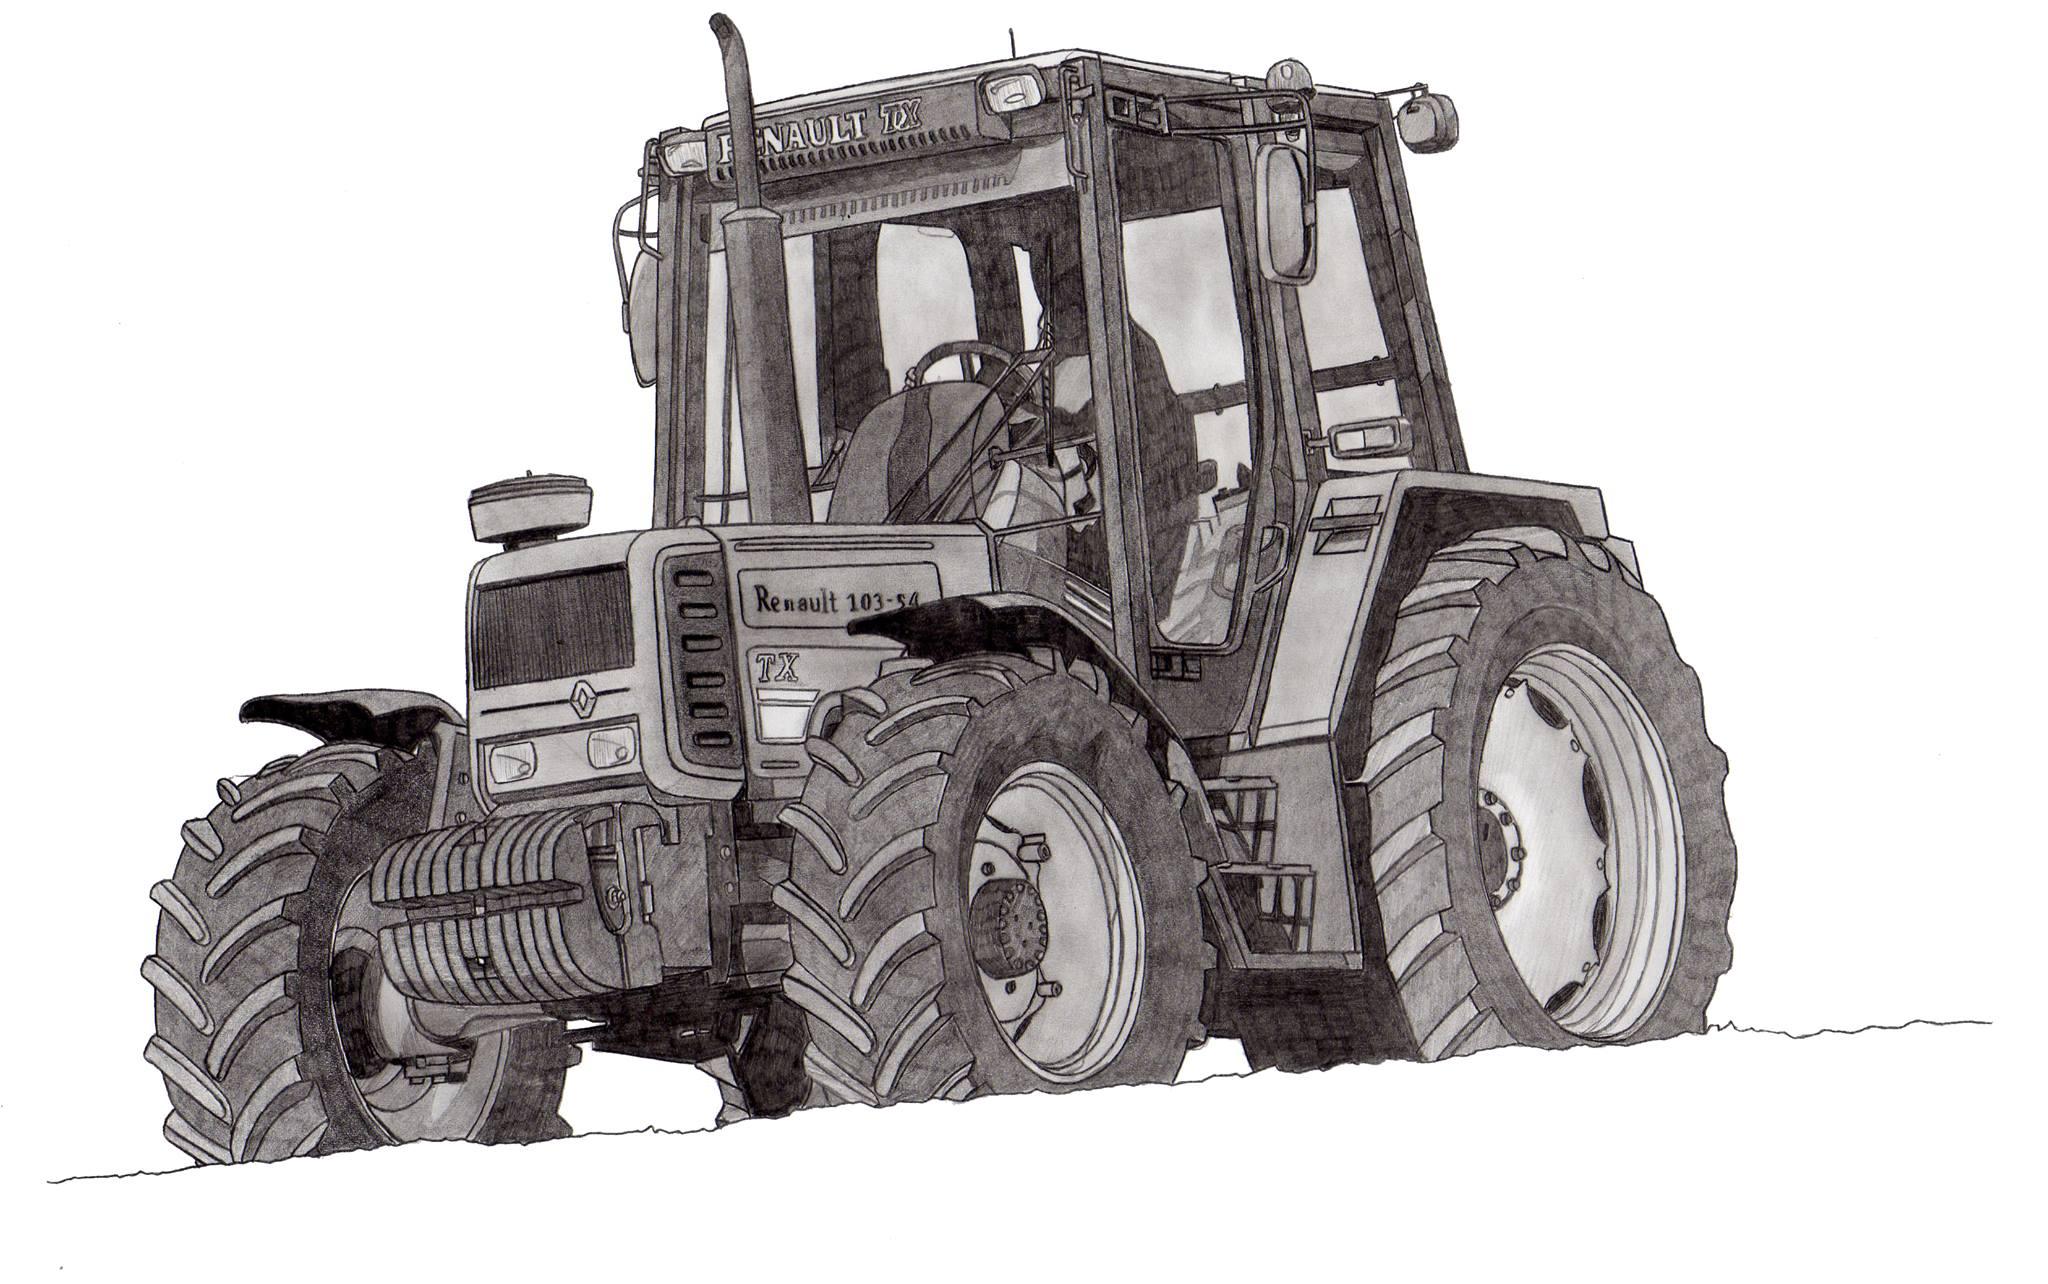 Dessin renault 103 54 tx - Tracteur a colorier ...